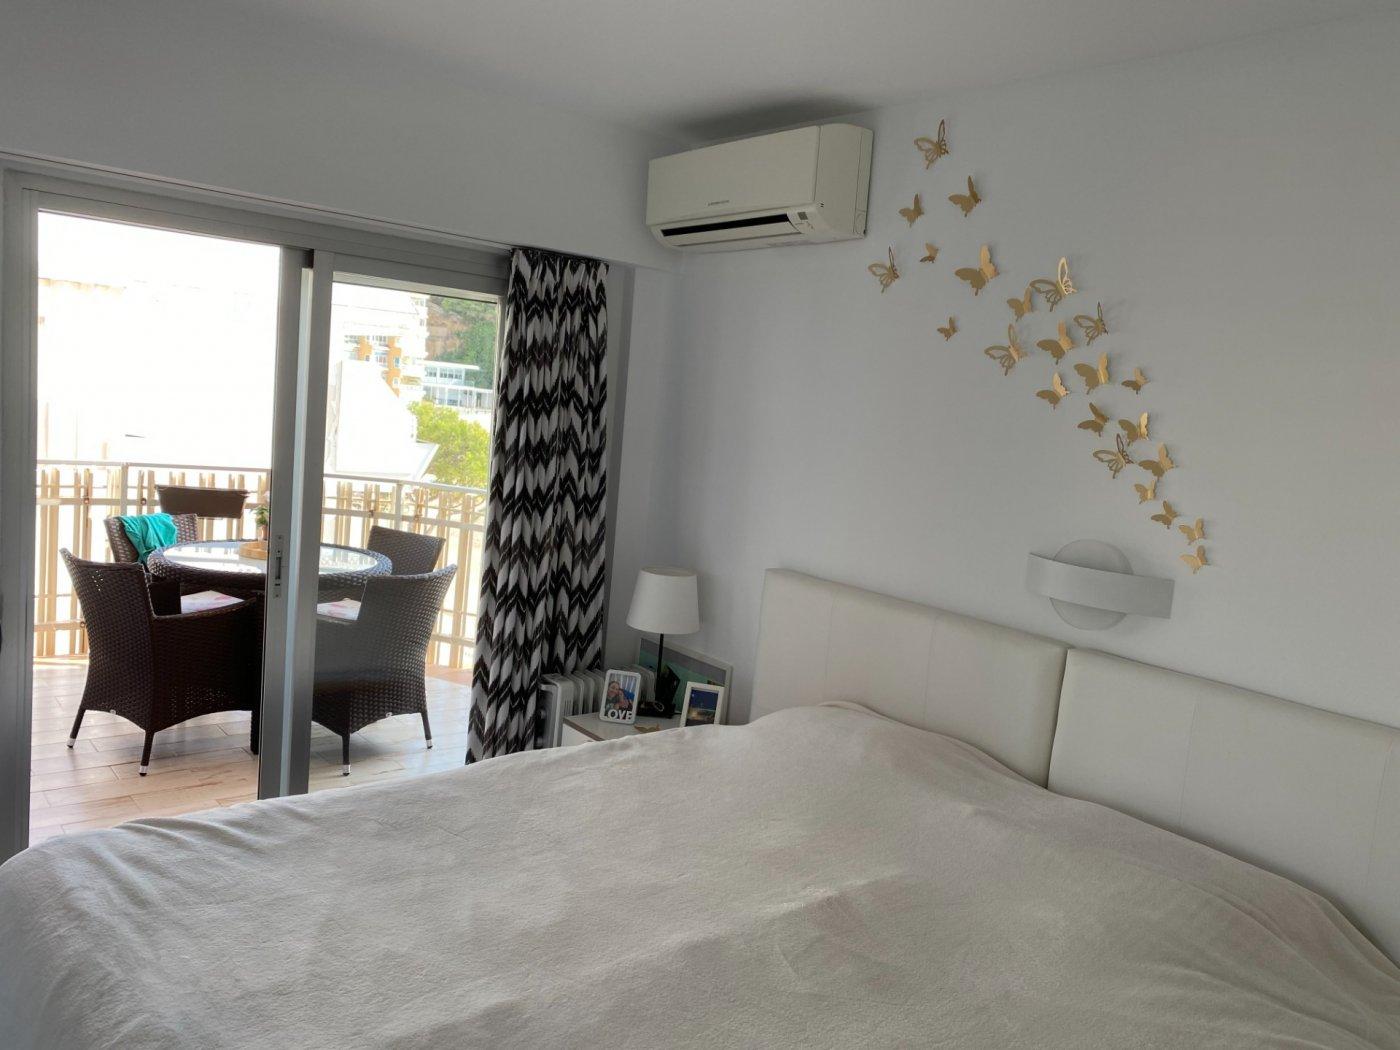 Alquiler con opcion de compra!espectacular apartamento con vistas al mar y parking propio - imagenInmueble23